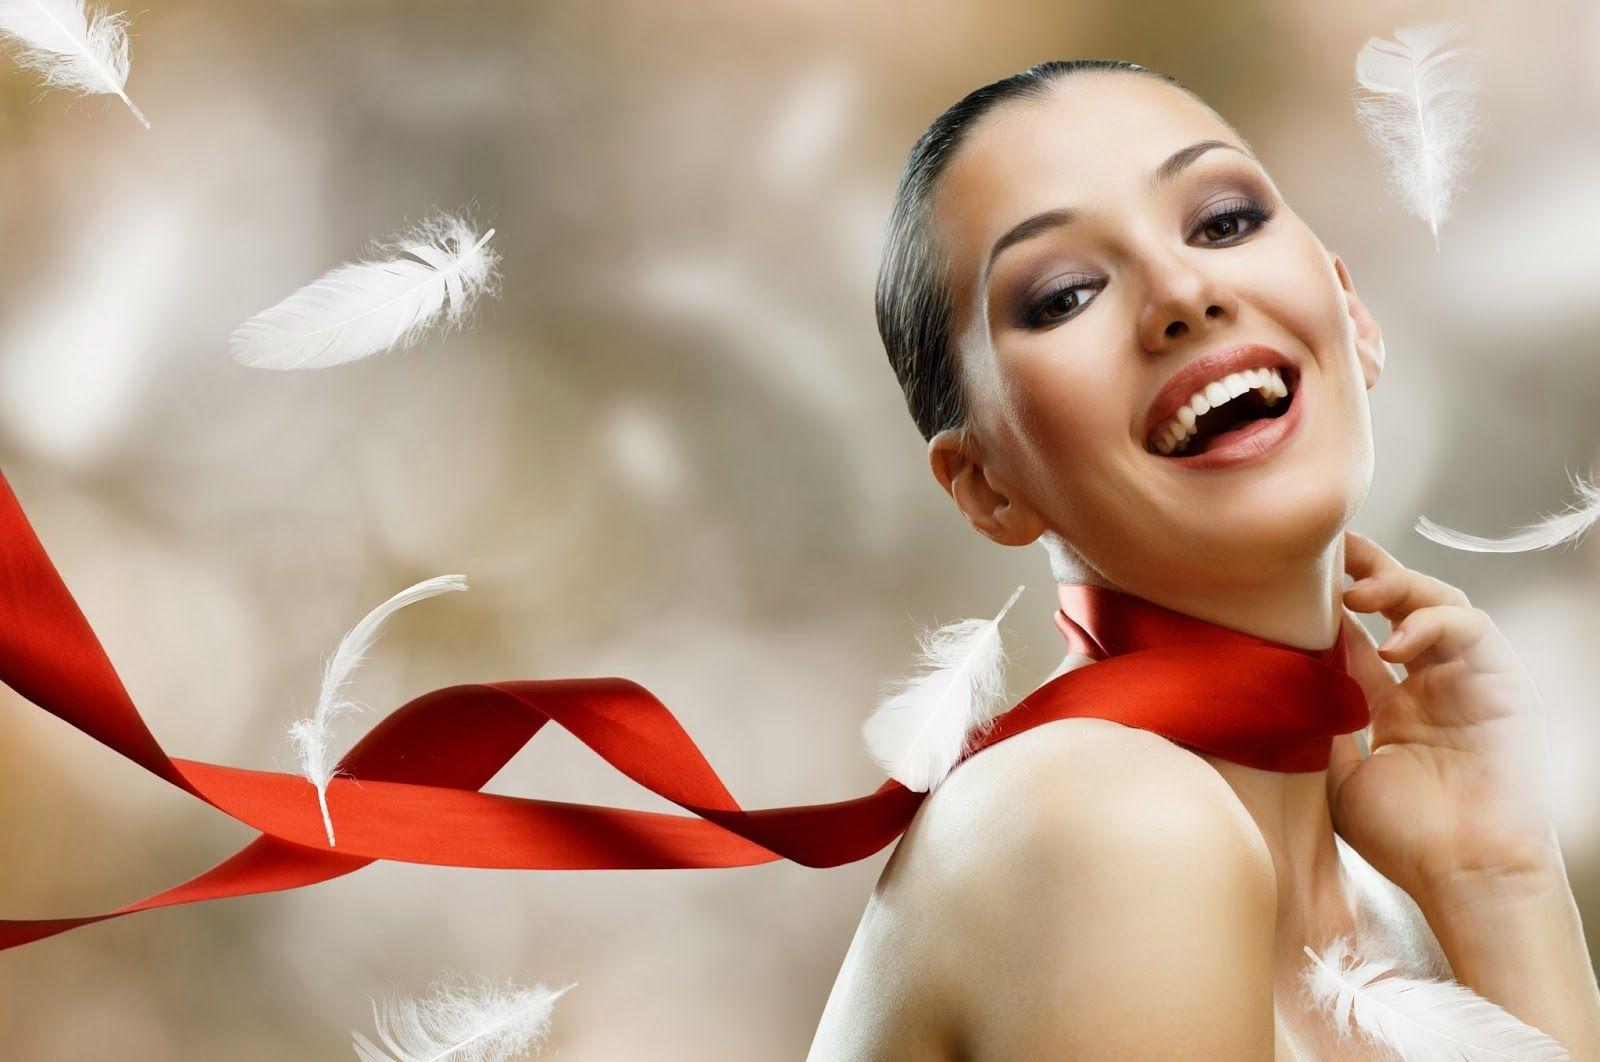 OFERTAS ESPECIALES DE NAVIDAD    Secado + Tratamiento Monplatin a solo:  Q250.00   Al adquirir los servicios de manicure, pedicure y secado, obtén maquillaje en ojos a  Q125.00        Al realizarse 3 depilaciones obtén 1 cambio de  esmalte en manos TOTALMENTE  GRATIS.       En la compra de 2 productos de cuidado  facial o corporal de la marca EMINENCE,  obtén una limpieza facial TOTALMENTE  GRATIS.       .  Ofertas válidas únicamente de lunes a miércoles.  .